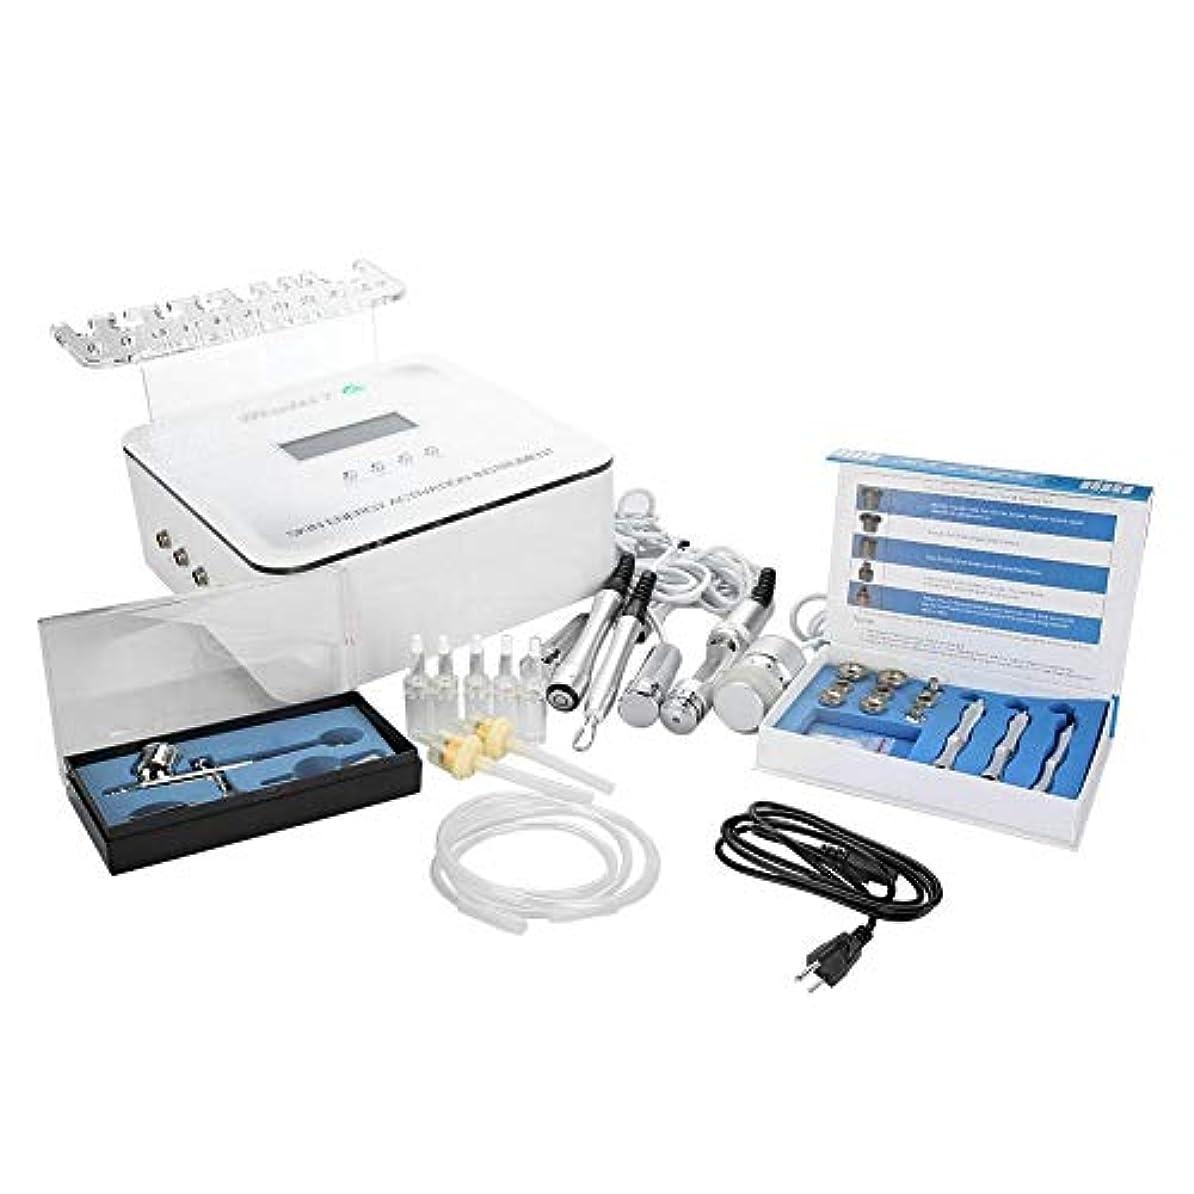 ダルセット尾汗スキンケア美容機、肌の若返りのためのRFマイクロ電気パルス水素酸素ジェットスプレー、フェイスリフティング(米国のプラグ)